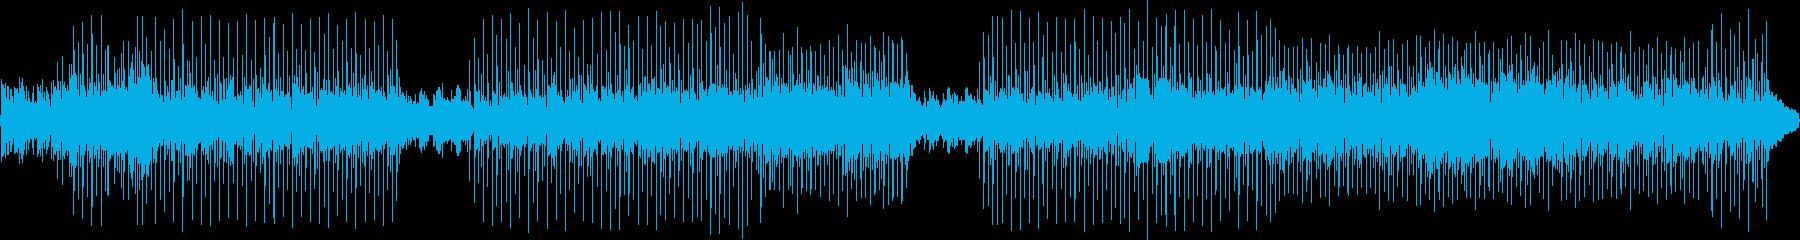 中。ポップ 。メロディック。ソフト...の再生済みの波形